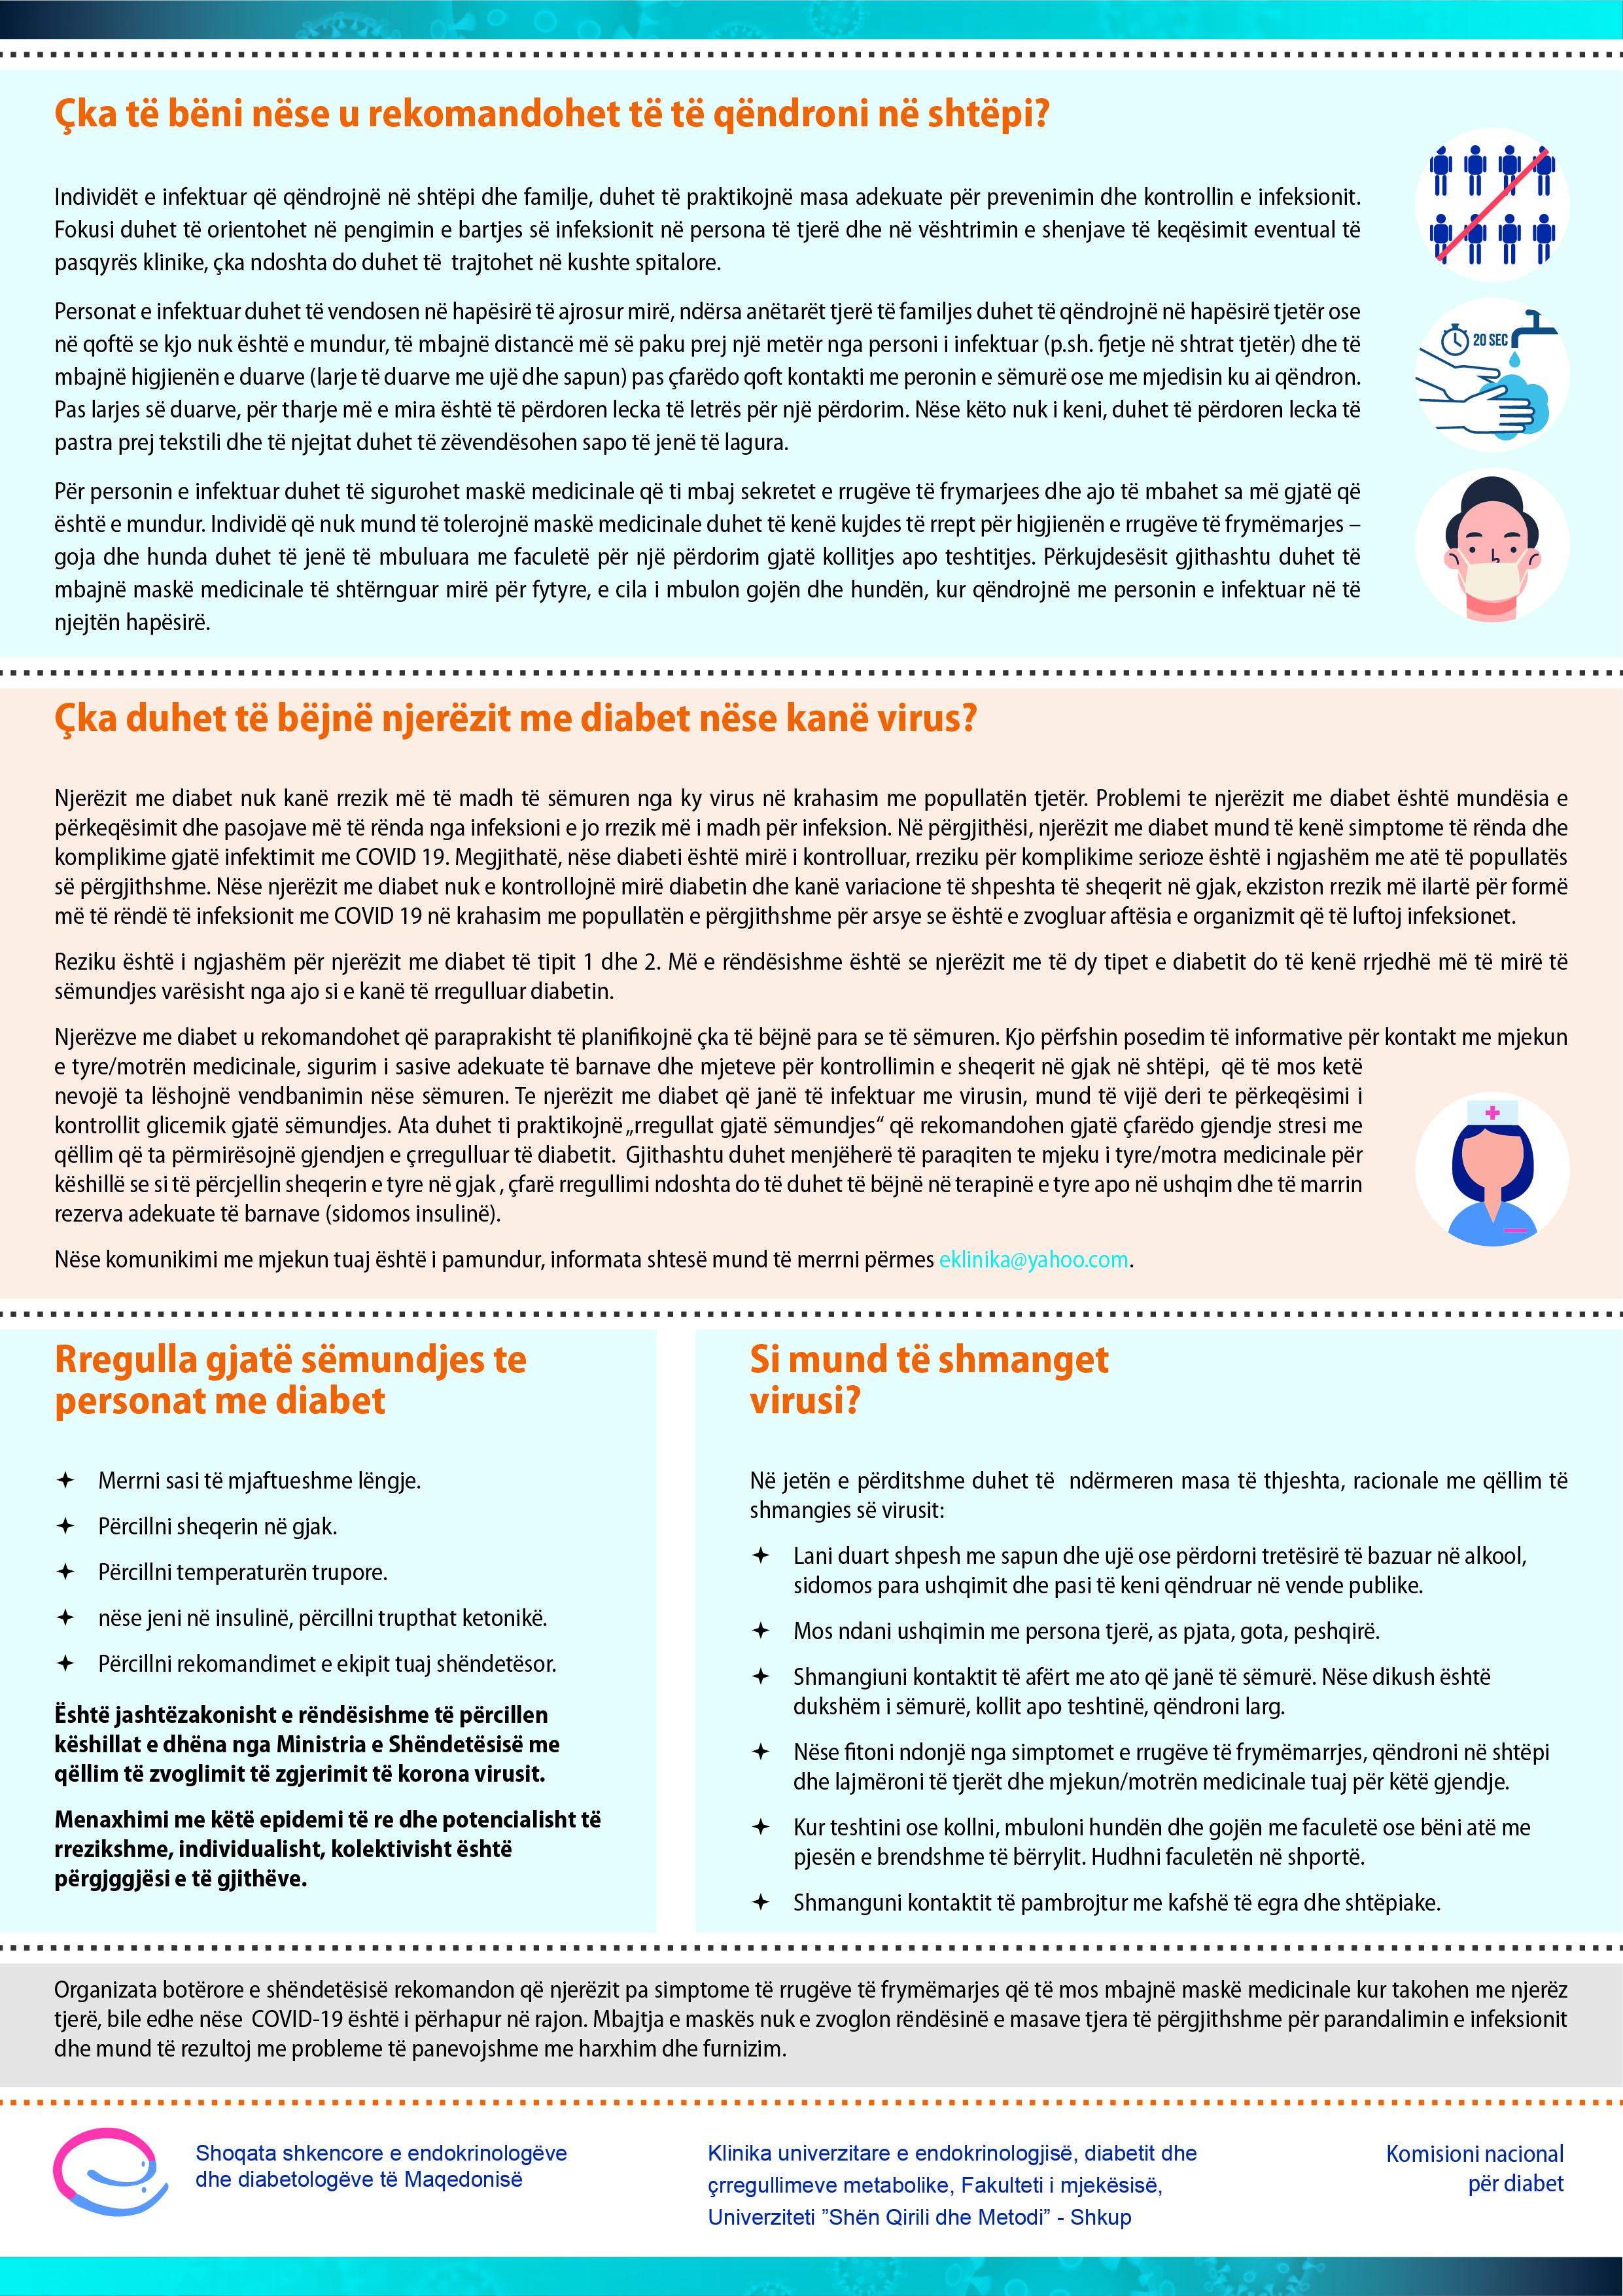 ПРЕПОРАКИ ЗА ЗАШТИТА на лица со дијабетес при епидемија на COVID-19 (алб) (back)